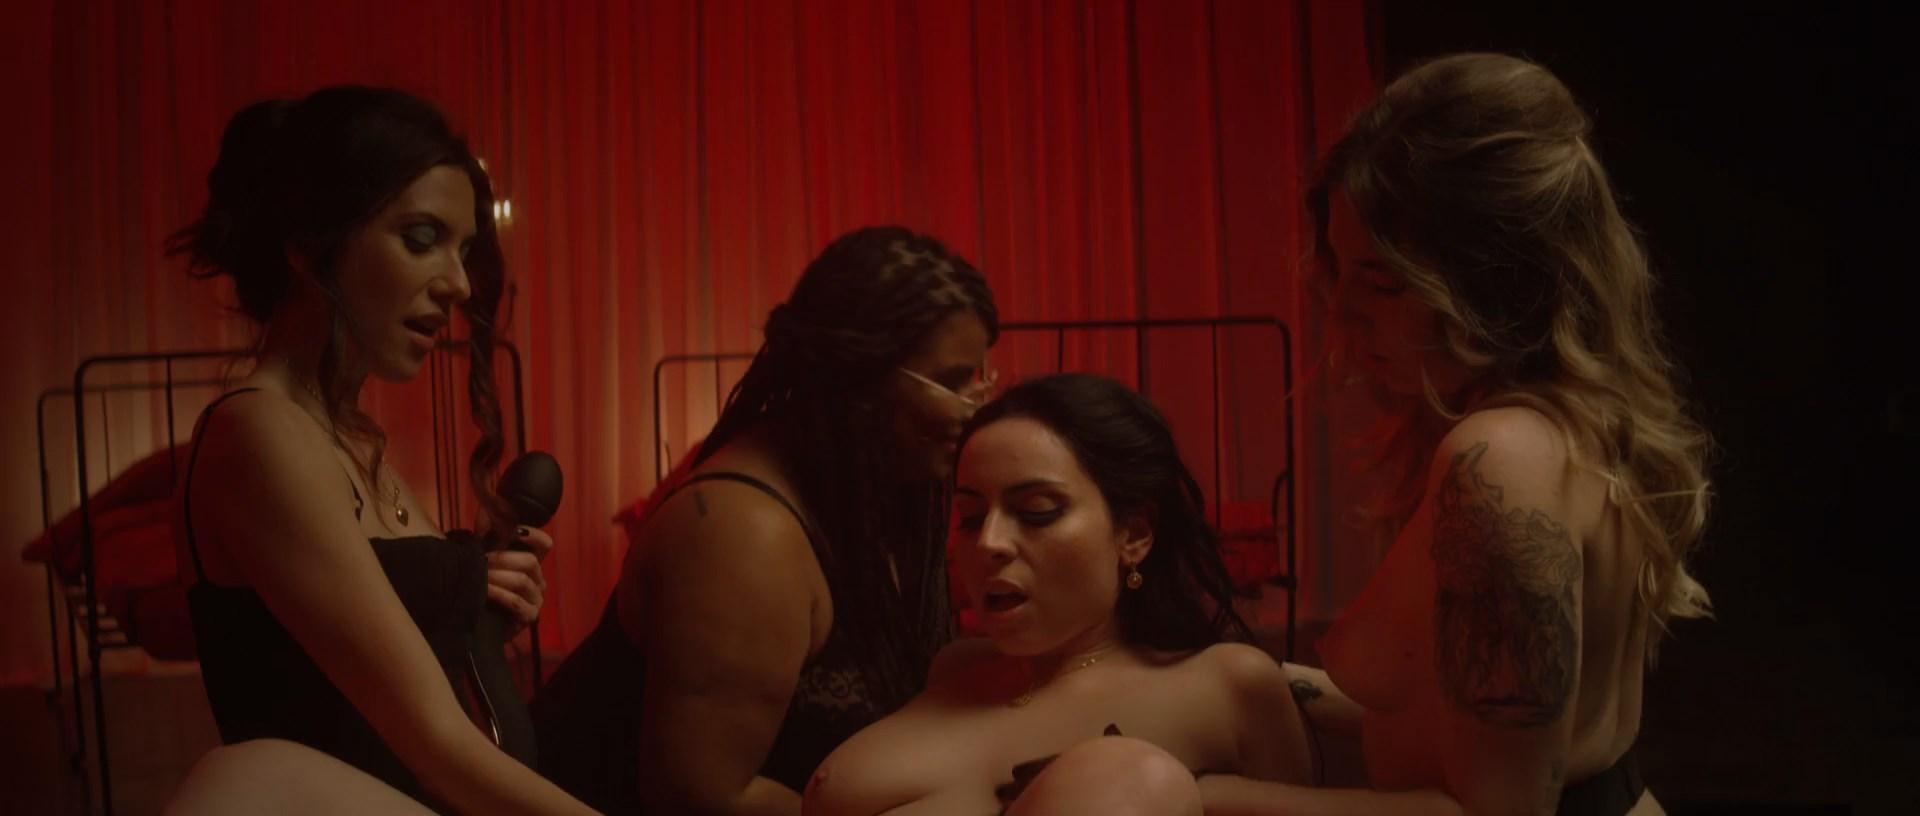 Sisters Of Pleasure (9)